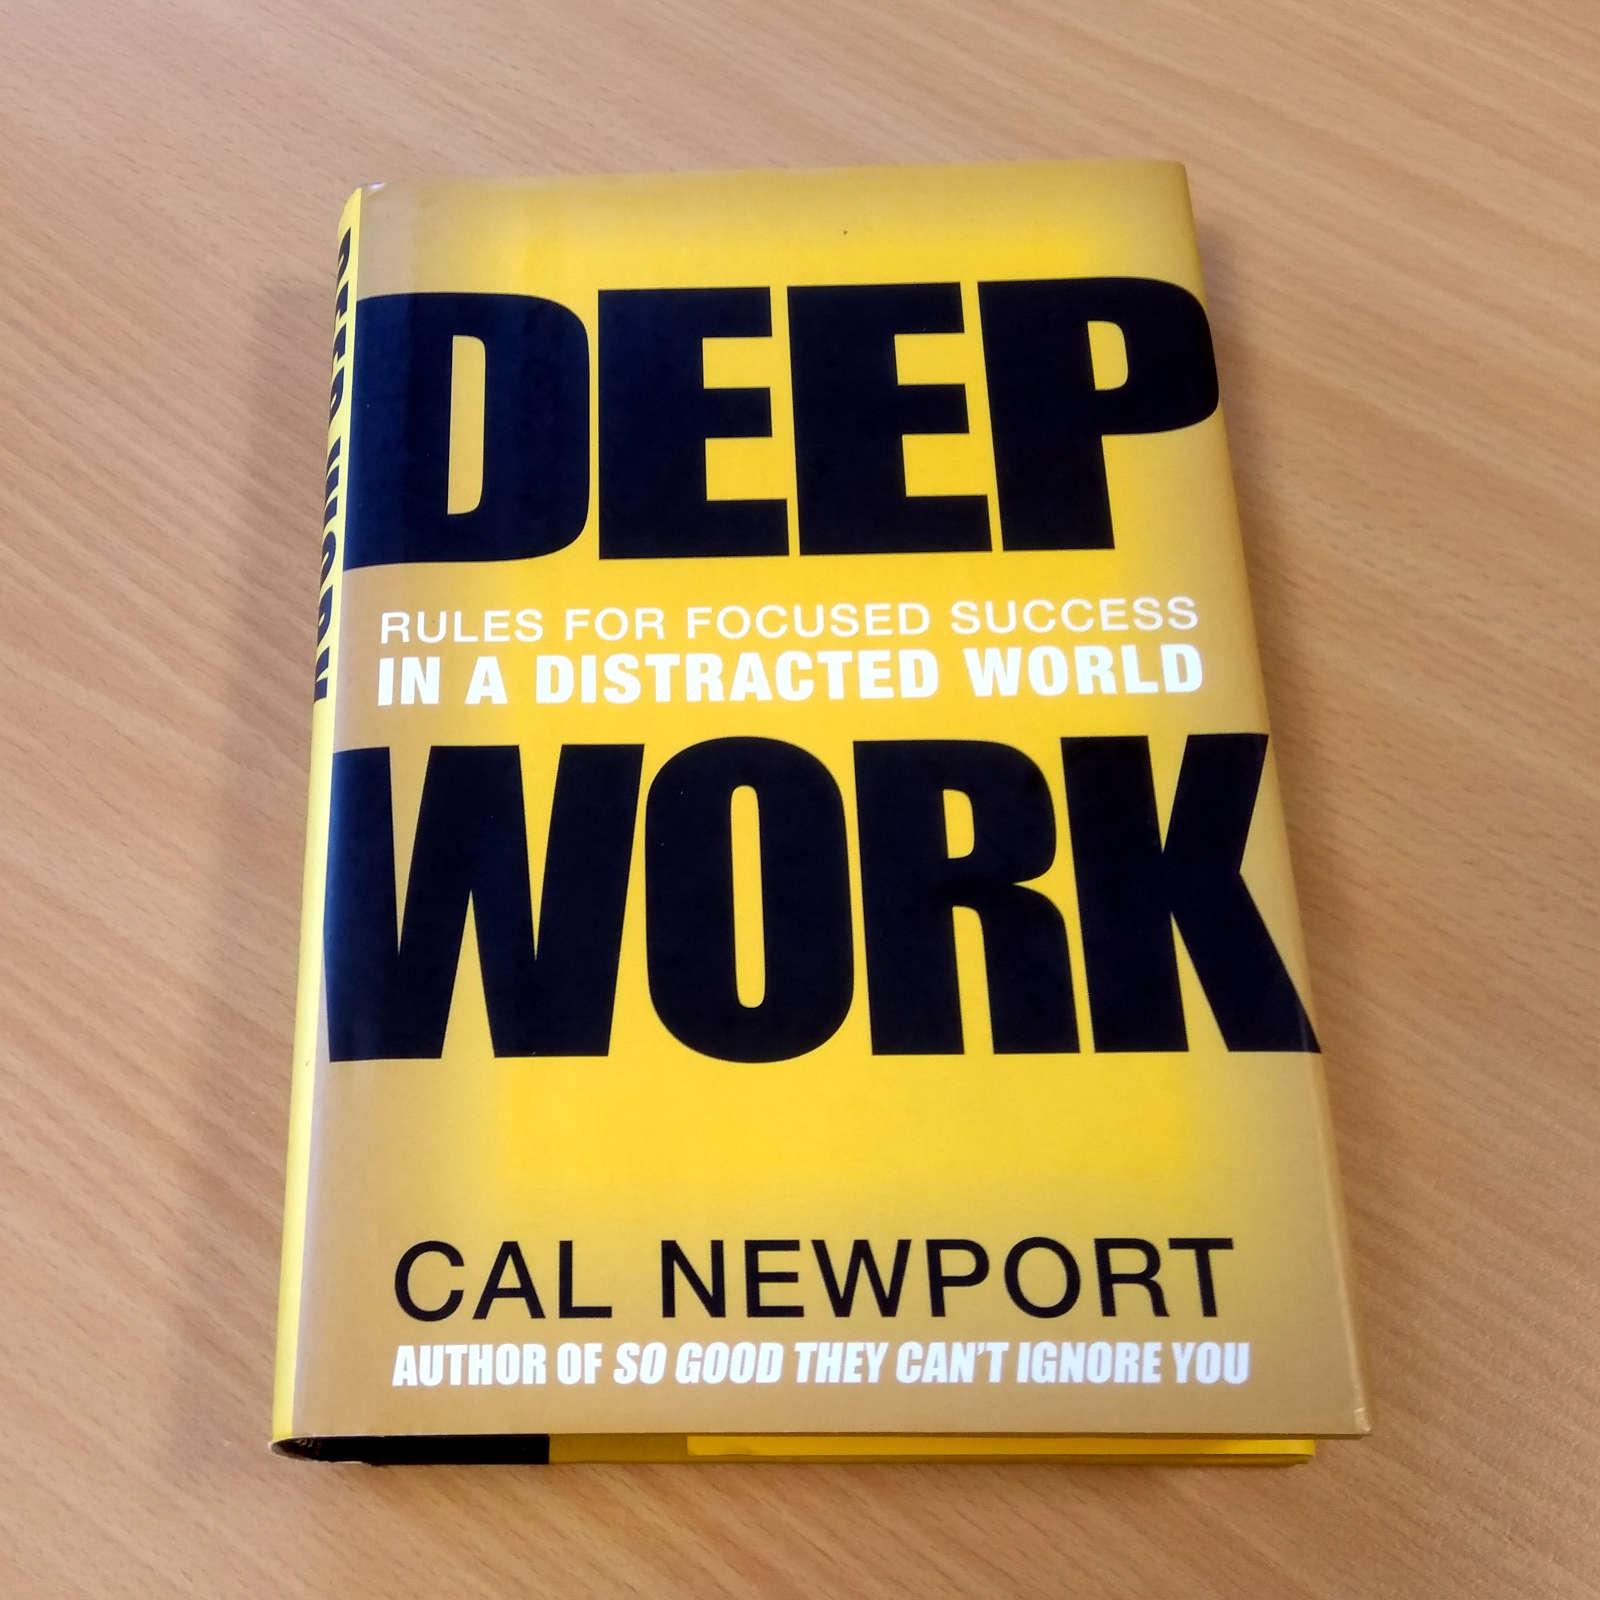 V češtině vyšla kniha pod názvem Hluboká práce: Pravidla pro soustředěný úspěch v roztěkaném světě. Dílo si můžete poslechnout jako audio i stáhnout jako e-knihu.